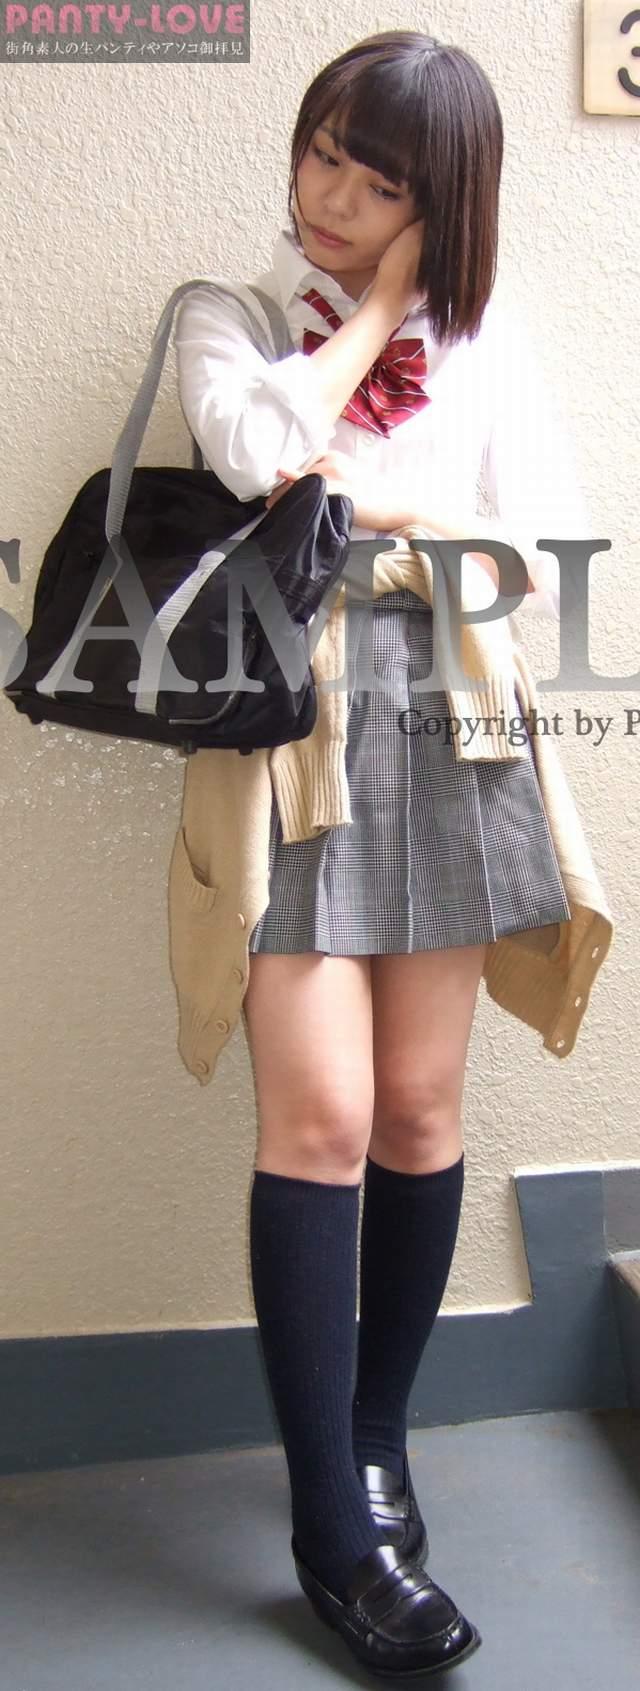 【みふゆ】ショートヘアの可愛いロリ美少女の制服パンチラ~PANTY-LOVE~